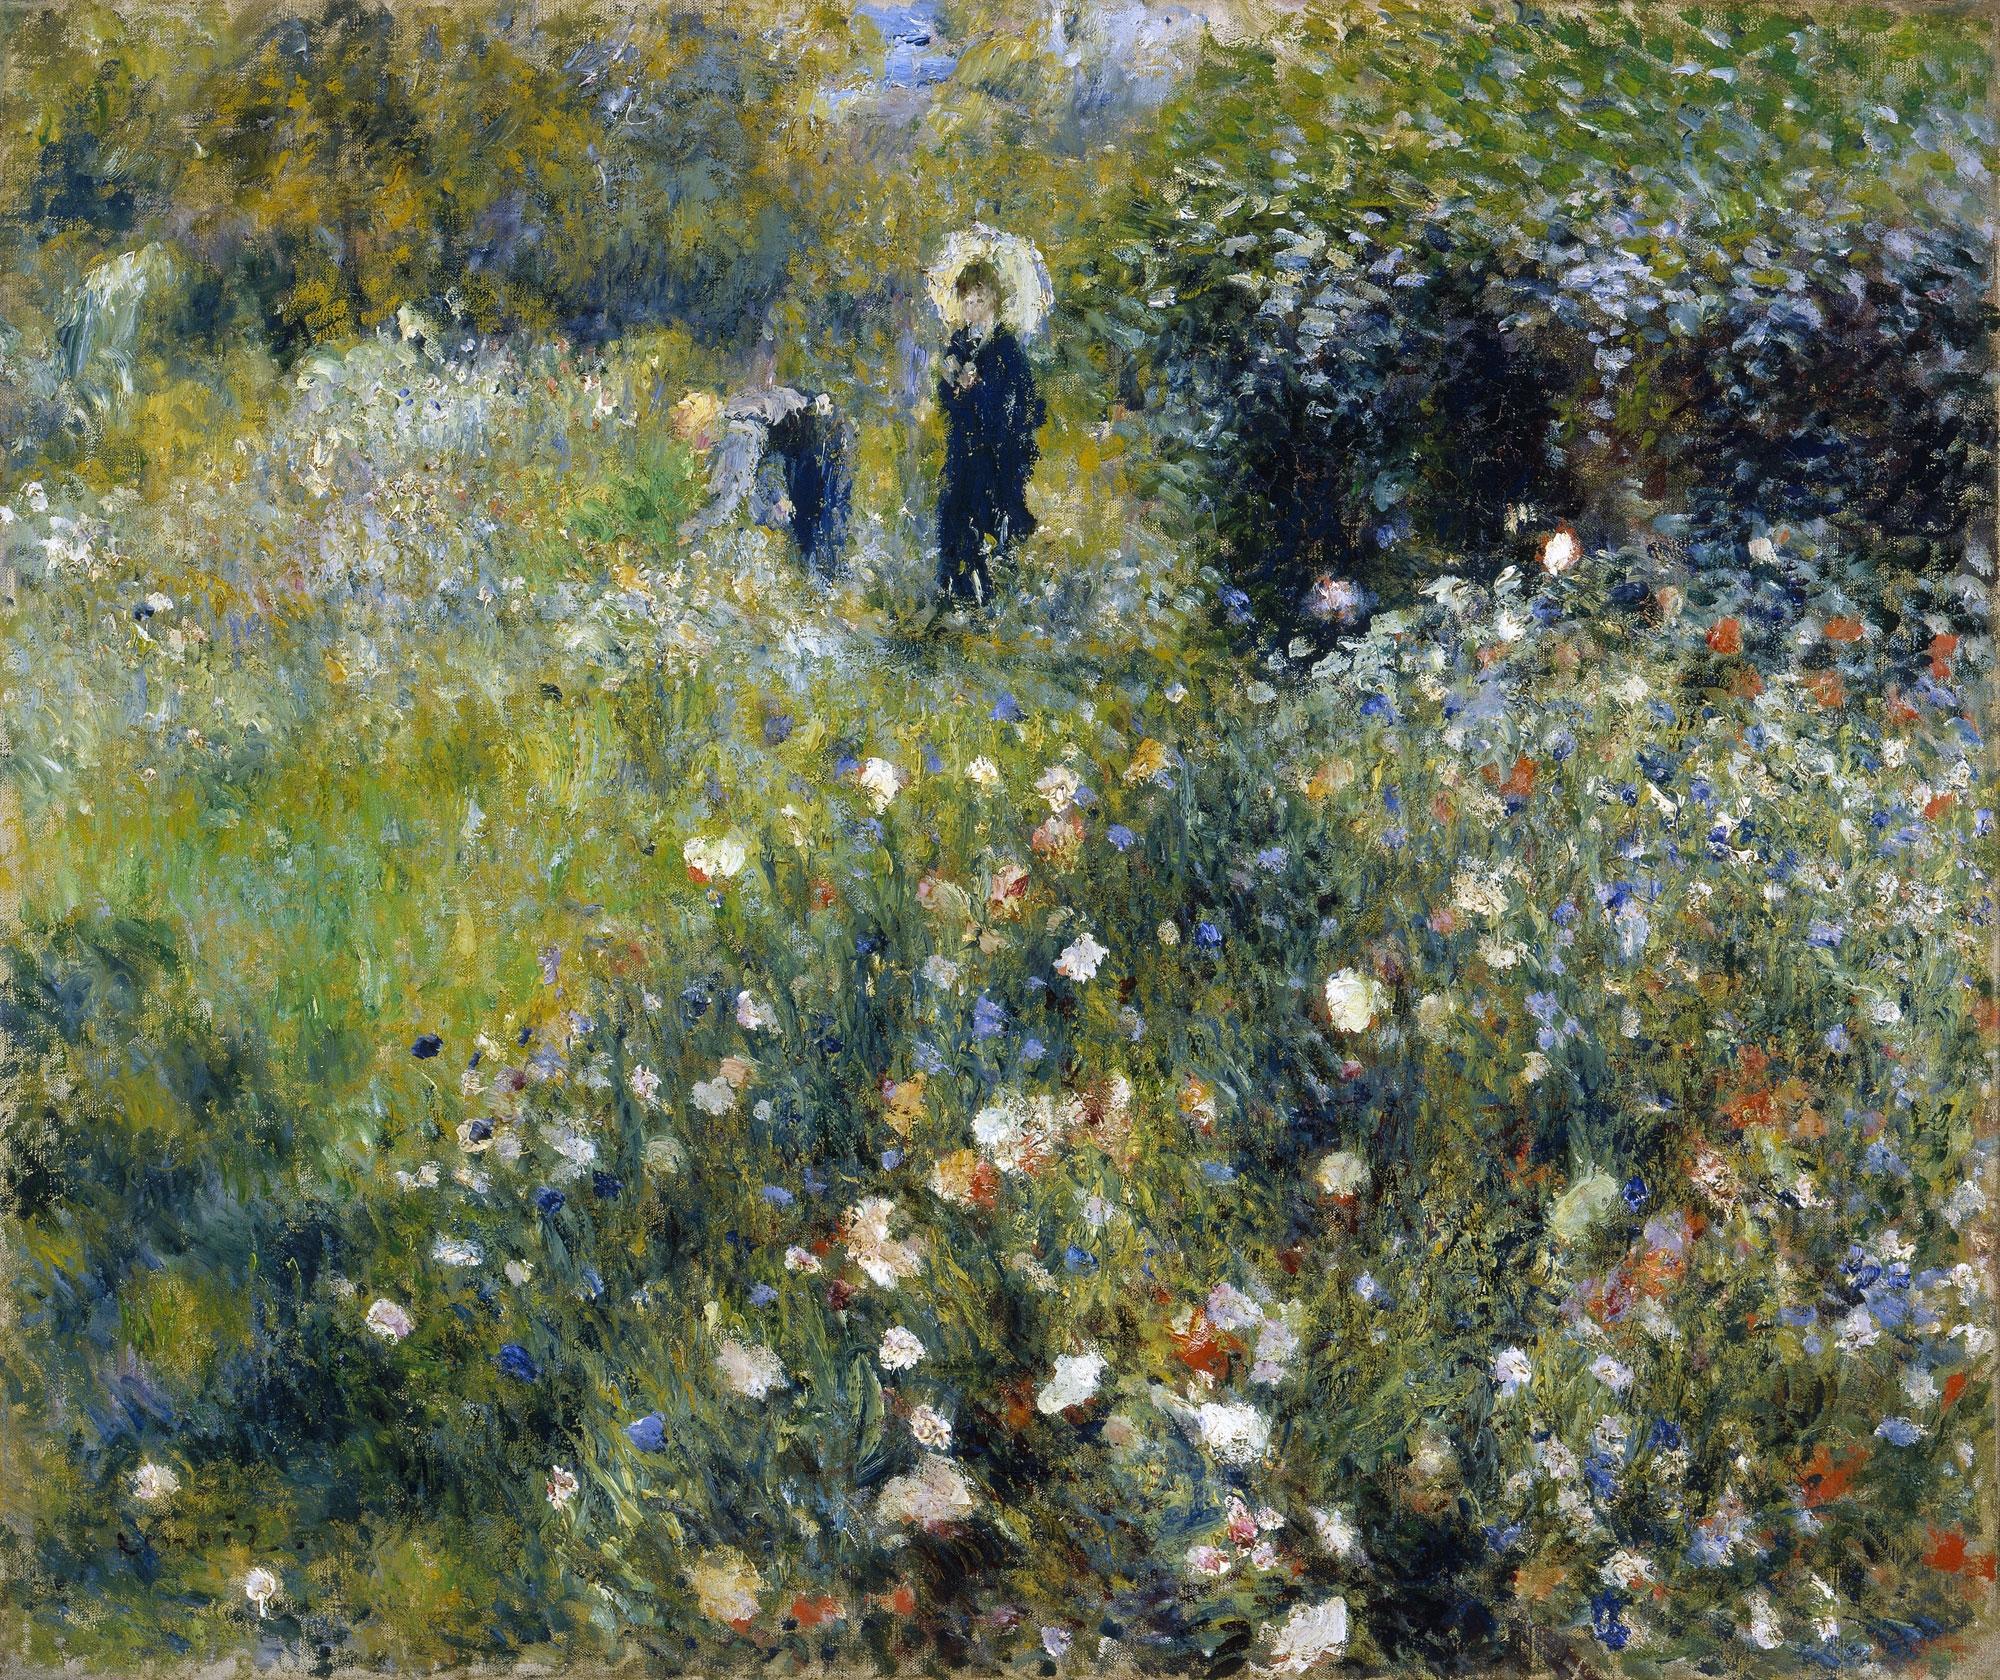 Resultado de imagen de Mujer con sombrilla en un jardín,